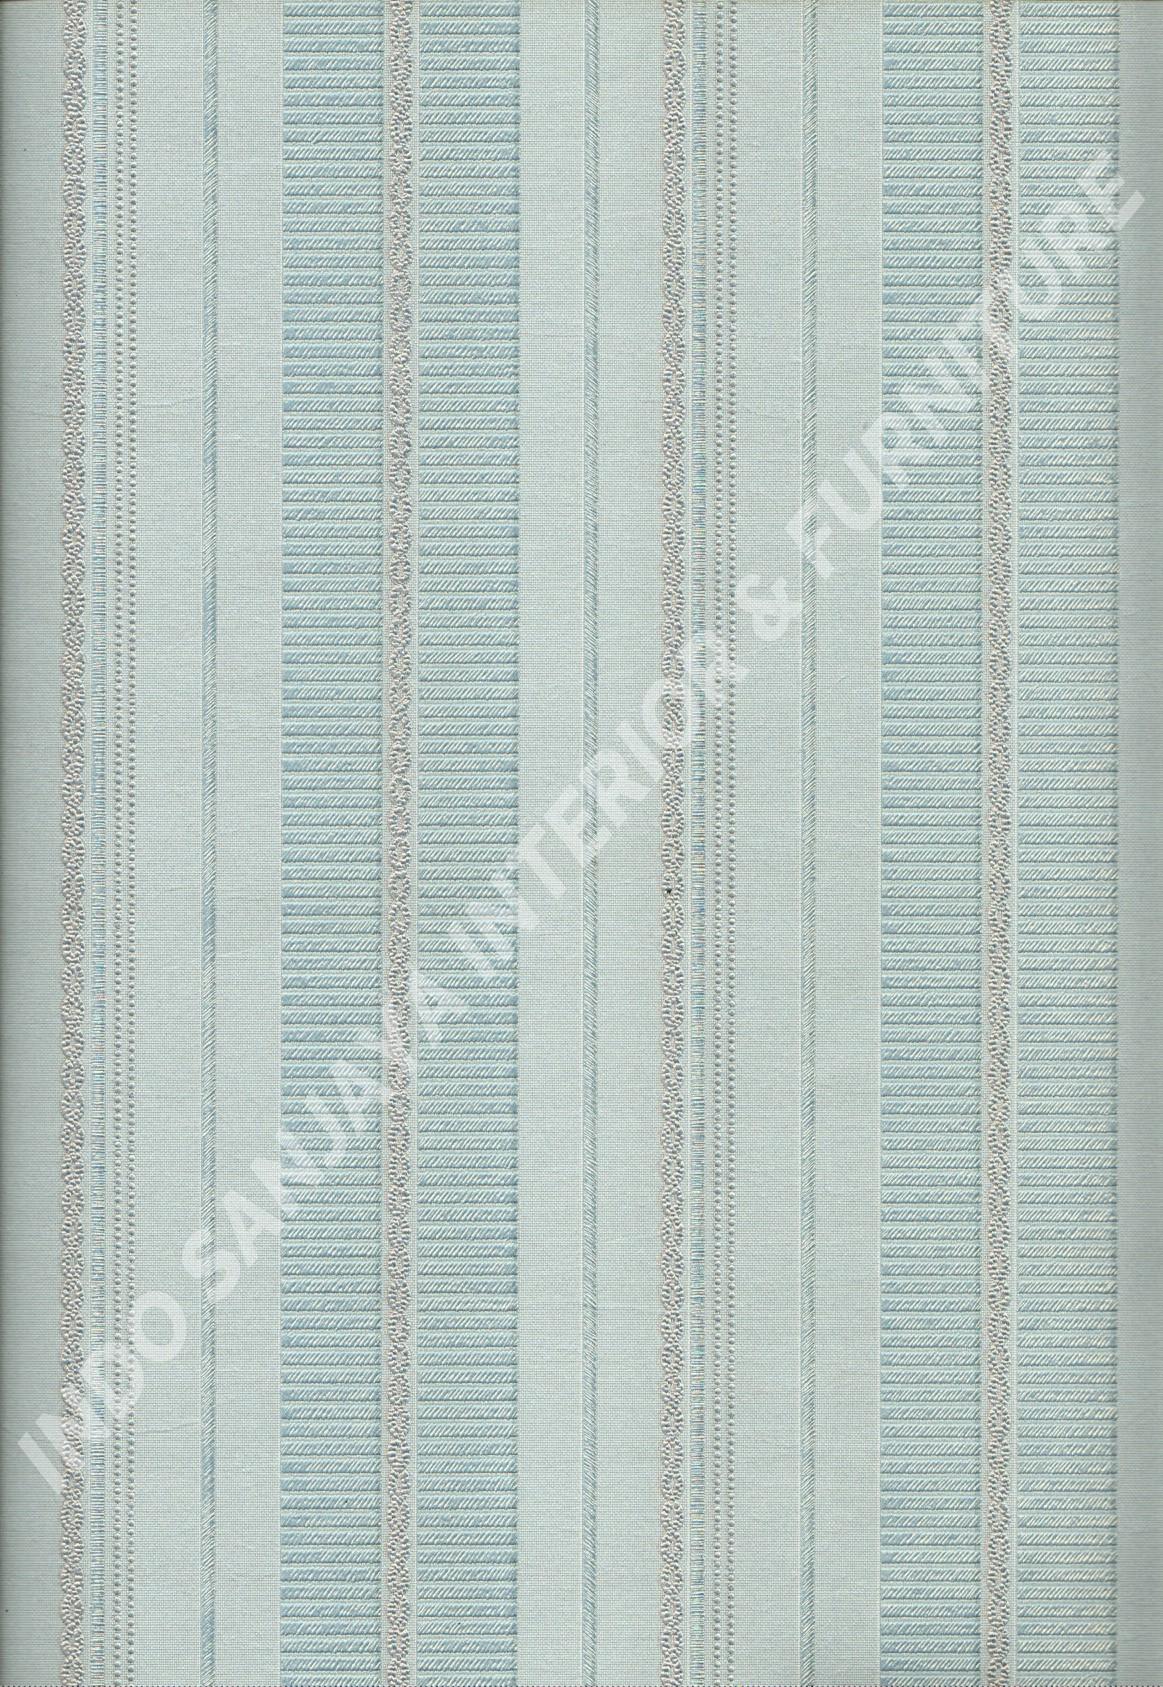 wallpaper   Wallpaper Garis 4004-4:4004-4 corak  warna